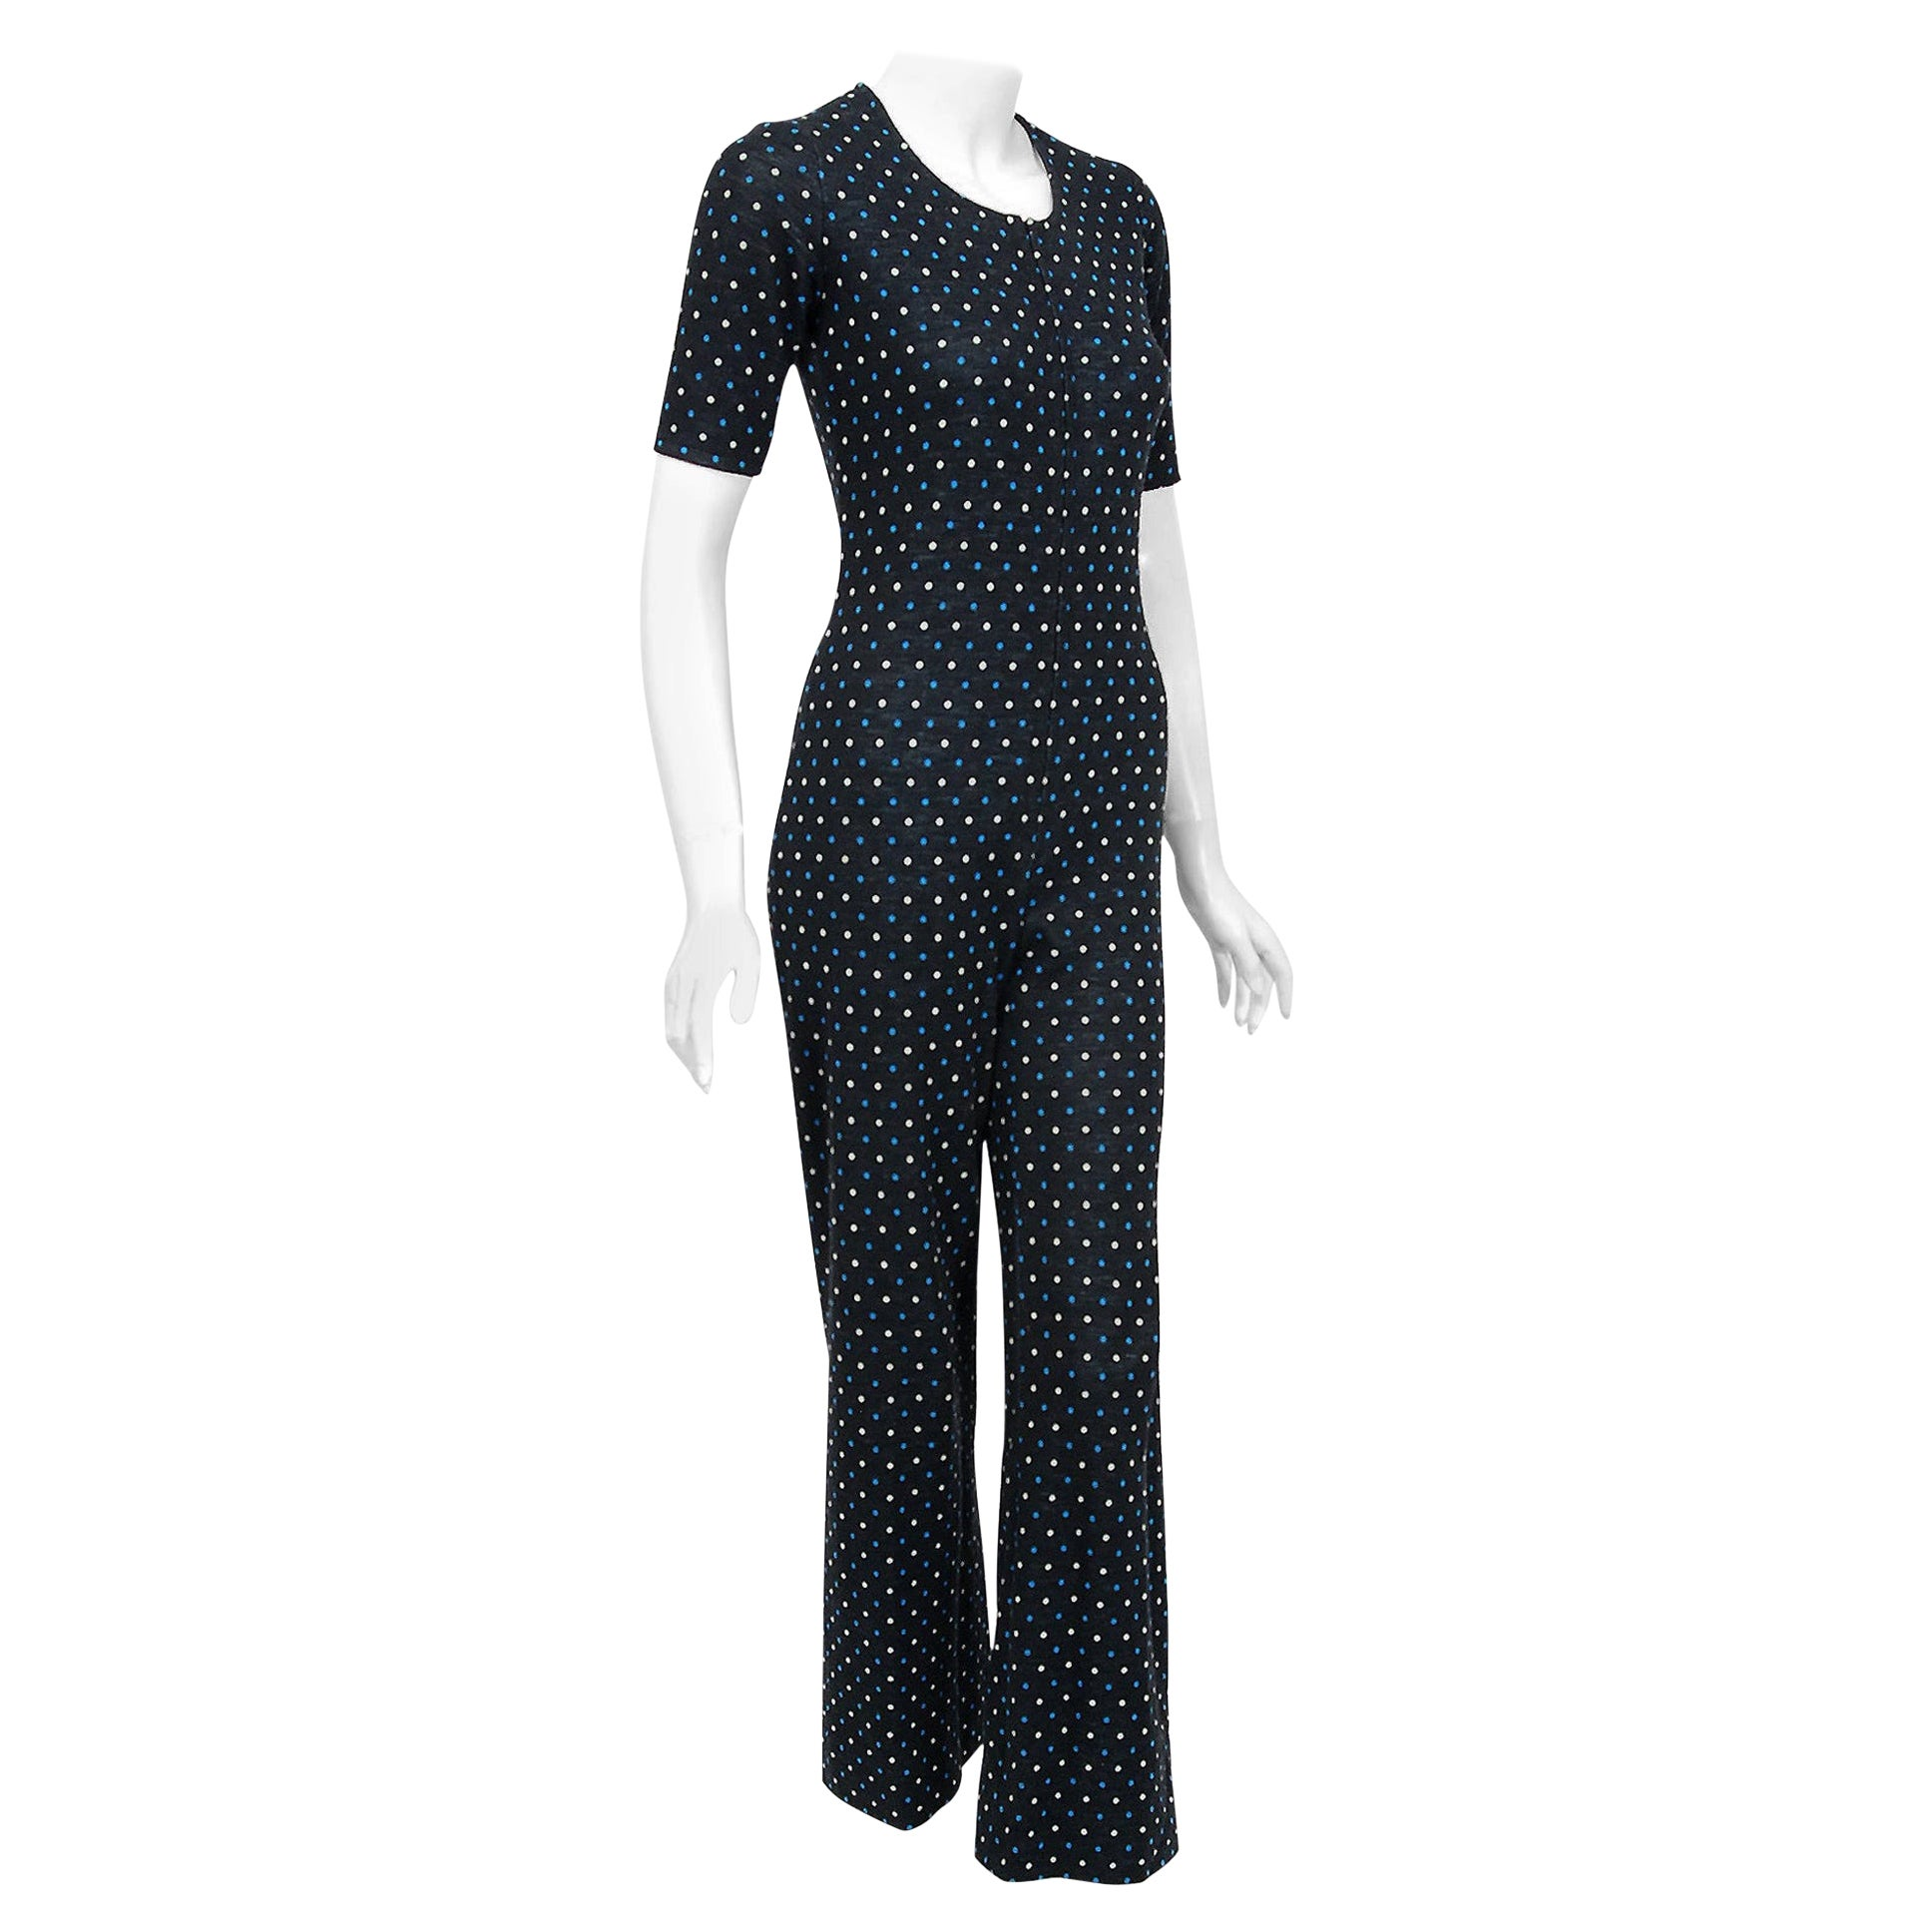 Vintage 1973 Yves Saint Laurent Rive Gauche Dotted Wool Knit Zip-Up Jumpsuit